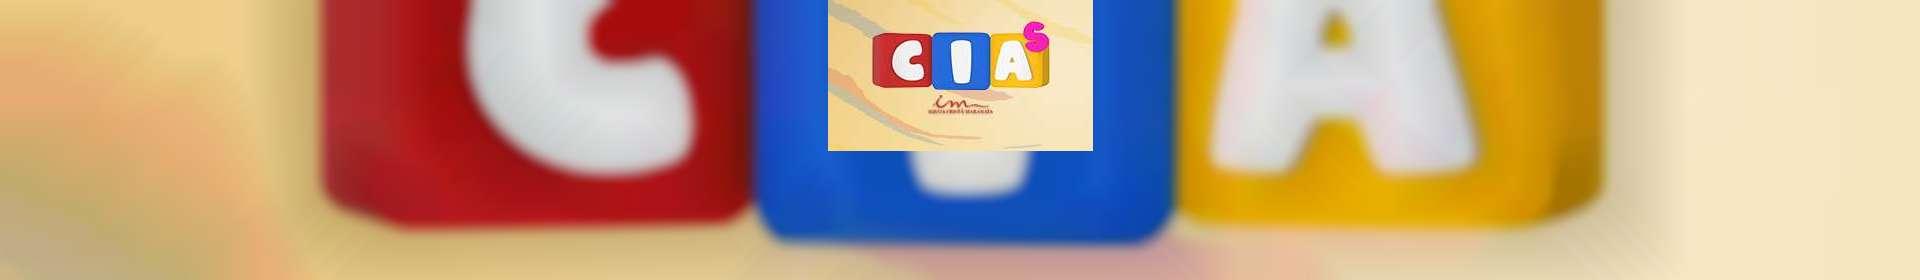 Aula de CIAS: classe de 3 a 7 anos - 18 de junho de 2020